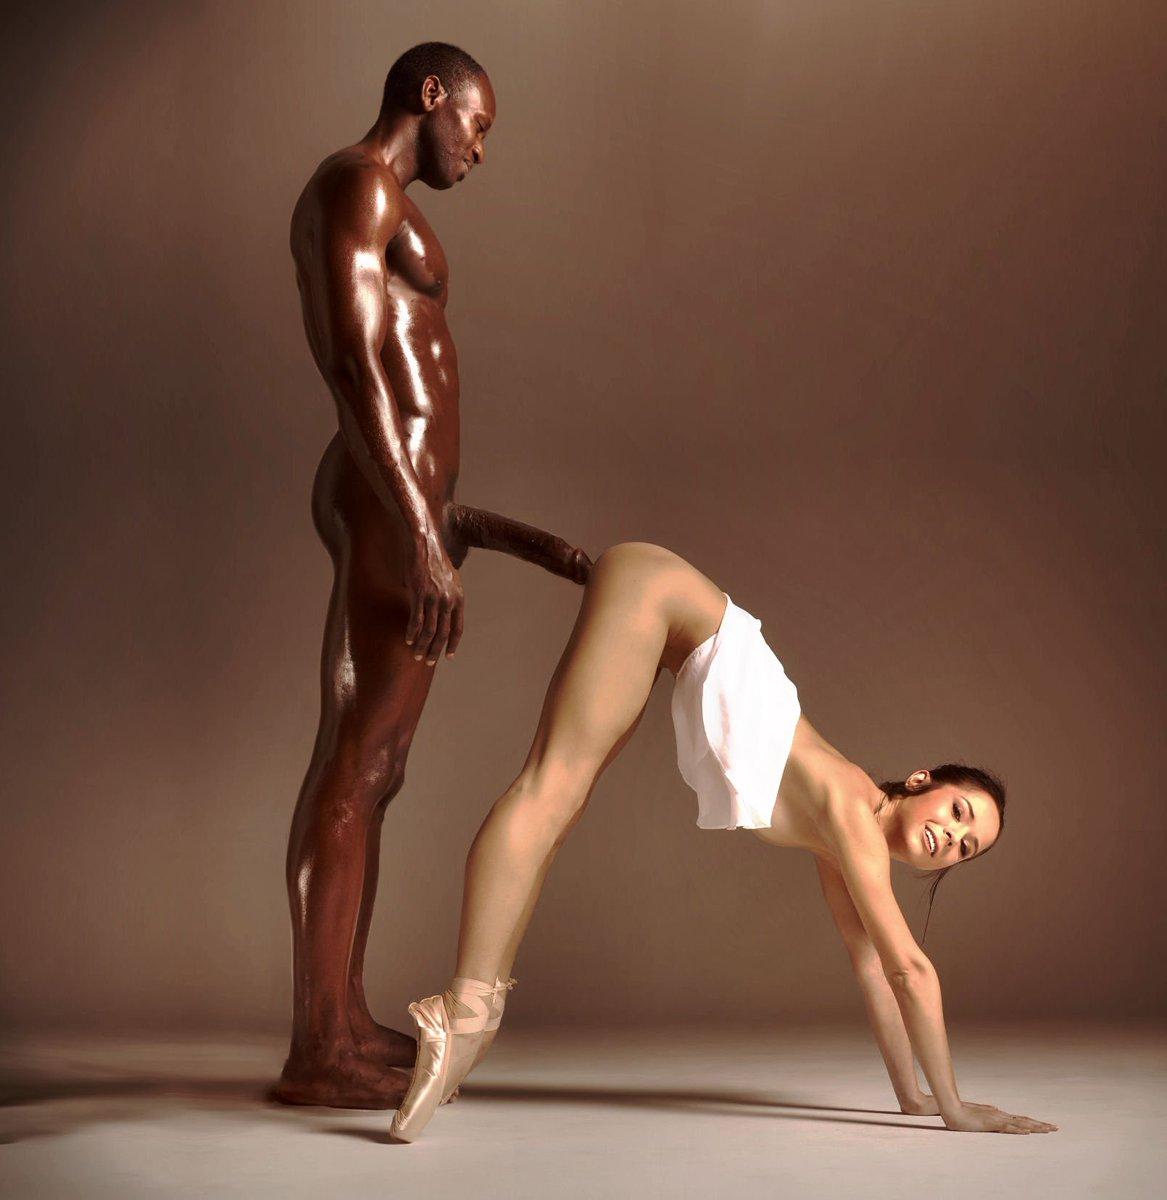 Erotic interracial illusions #4